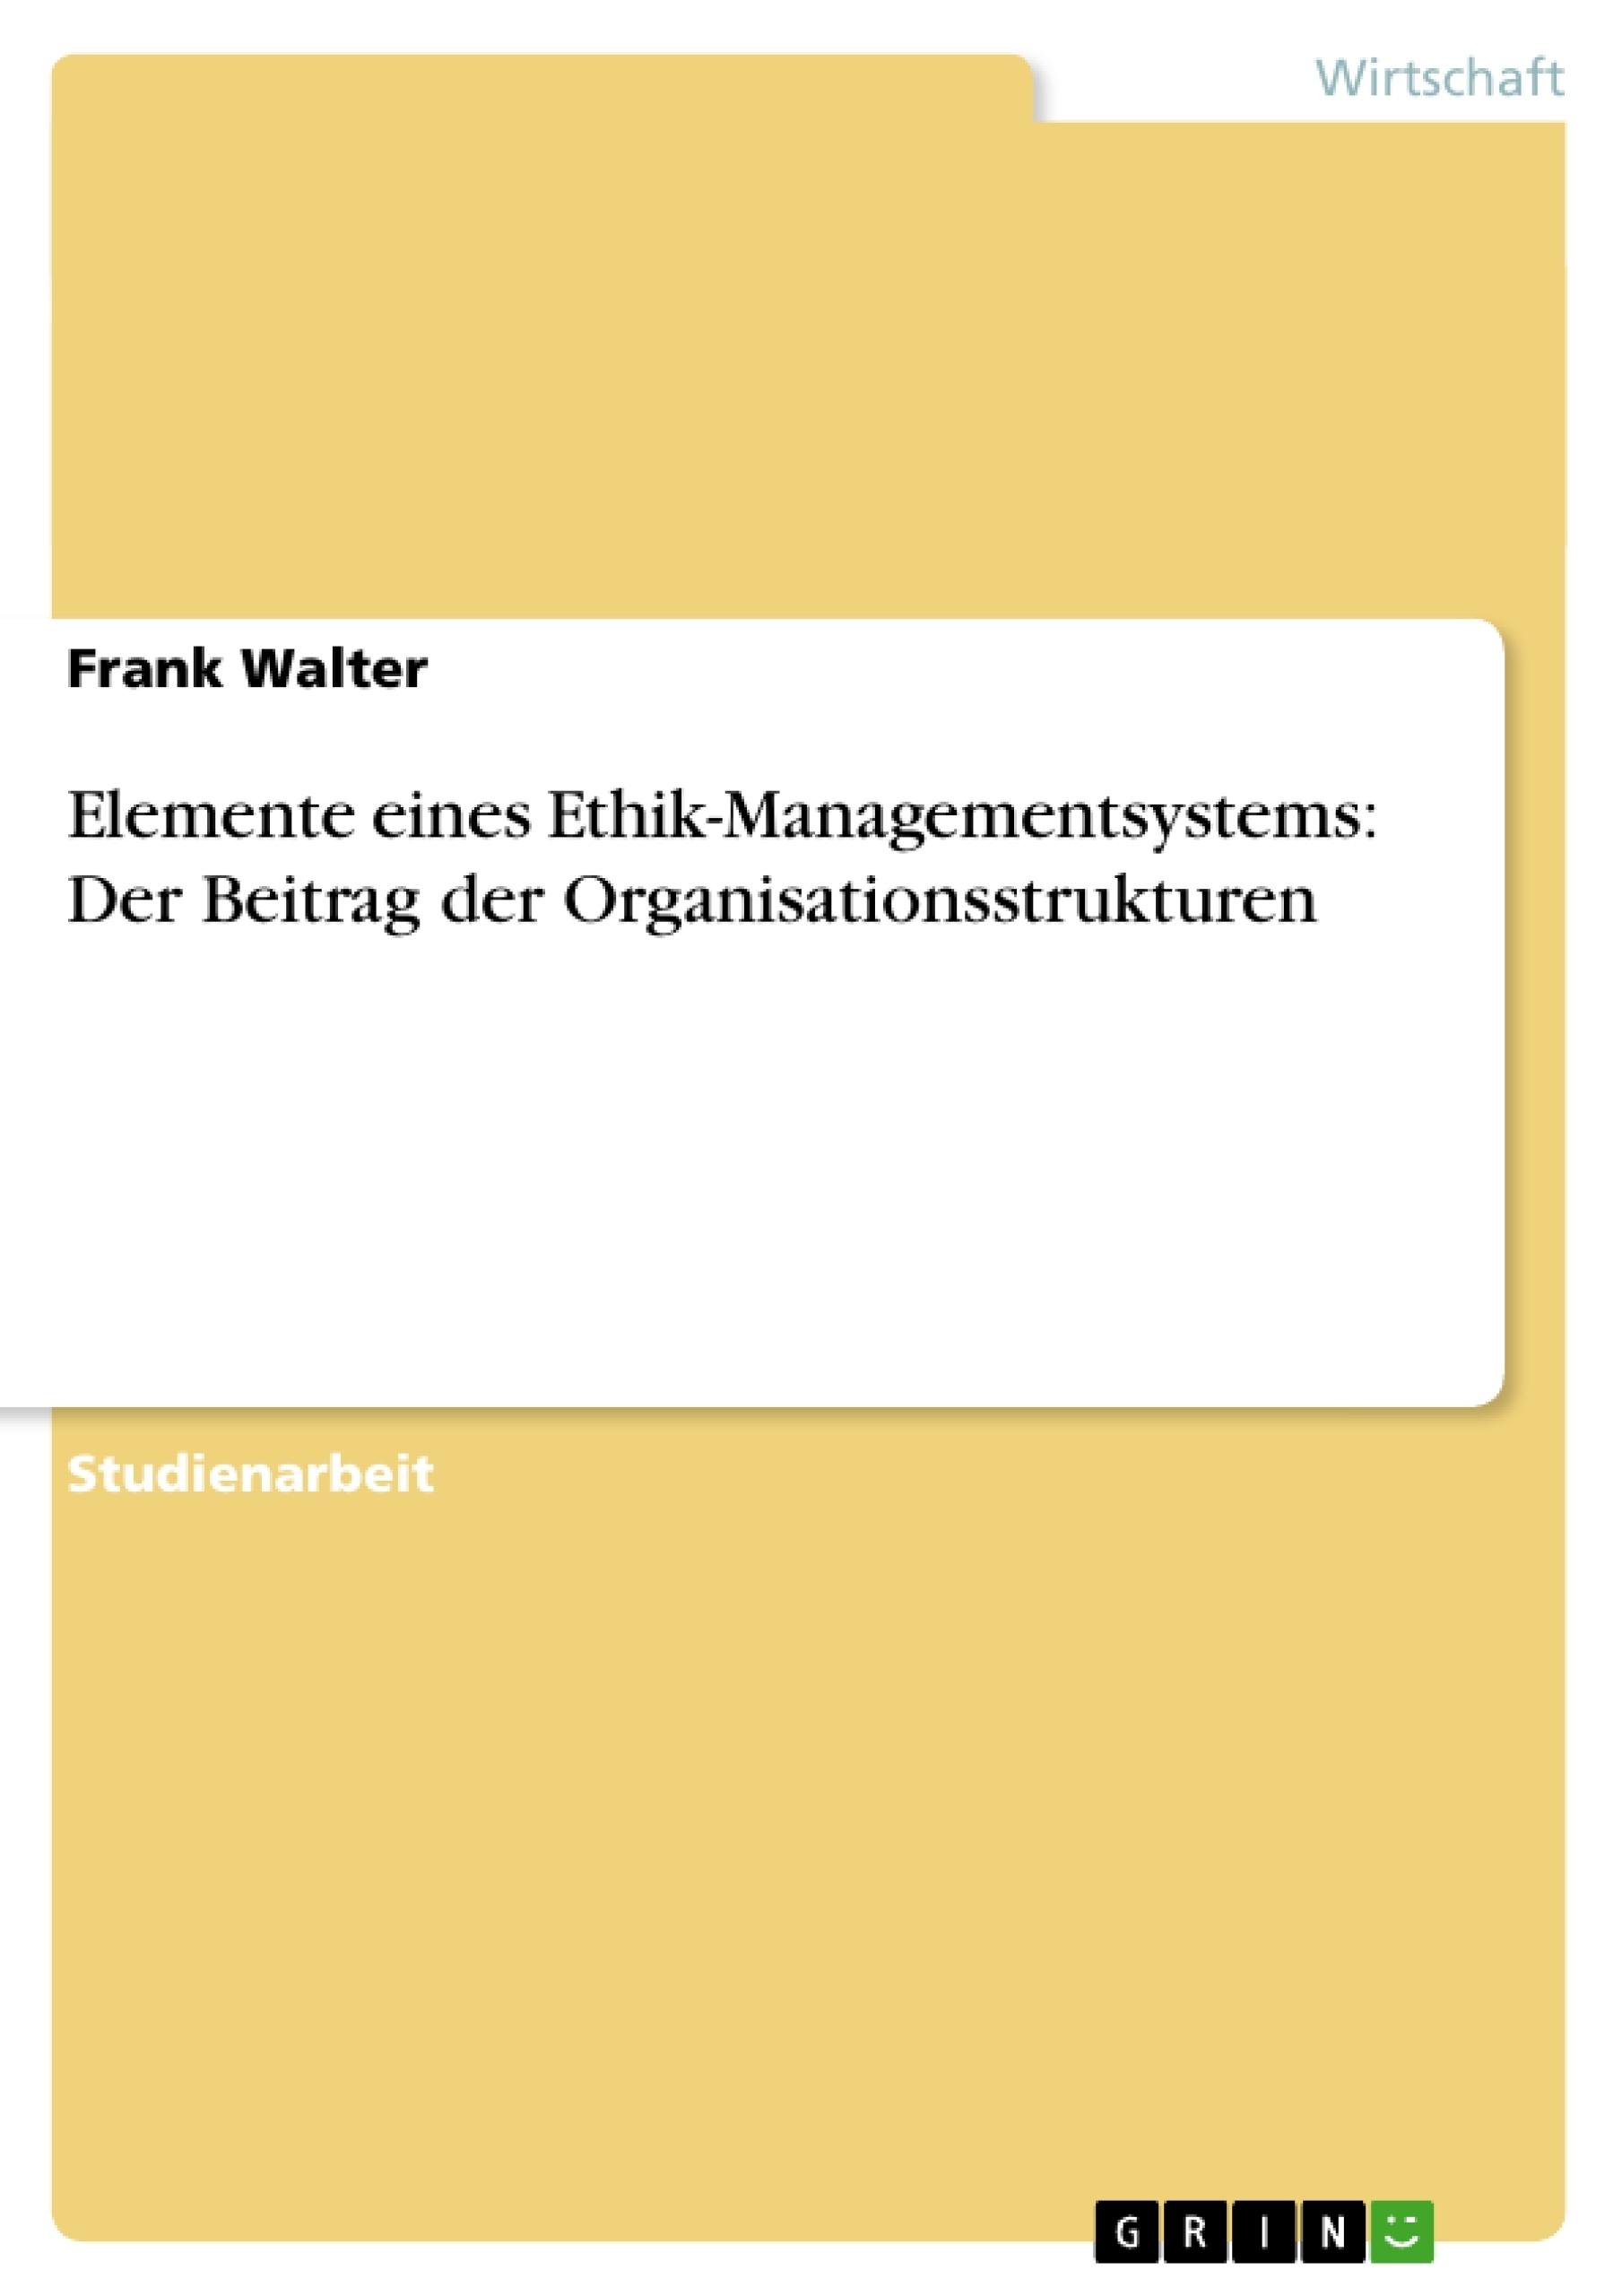 Titel: Elemente eines Ethik-Managementsystems: Der Beitrag der Organisationsstrukturen